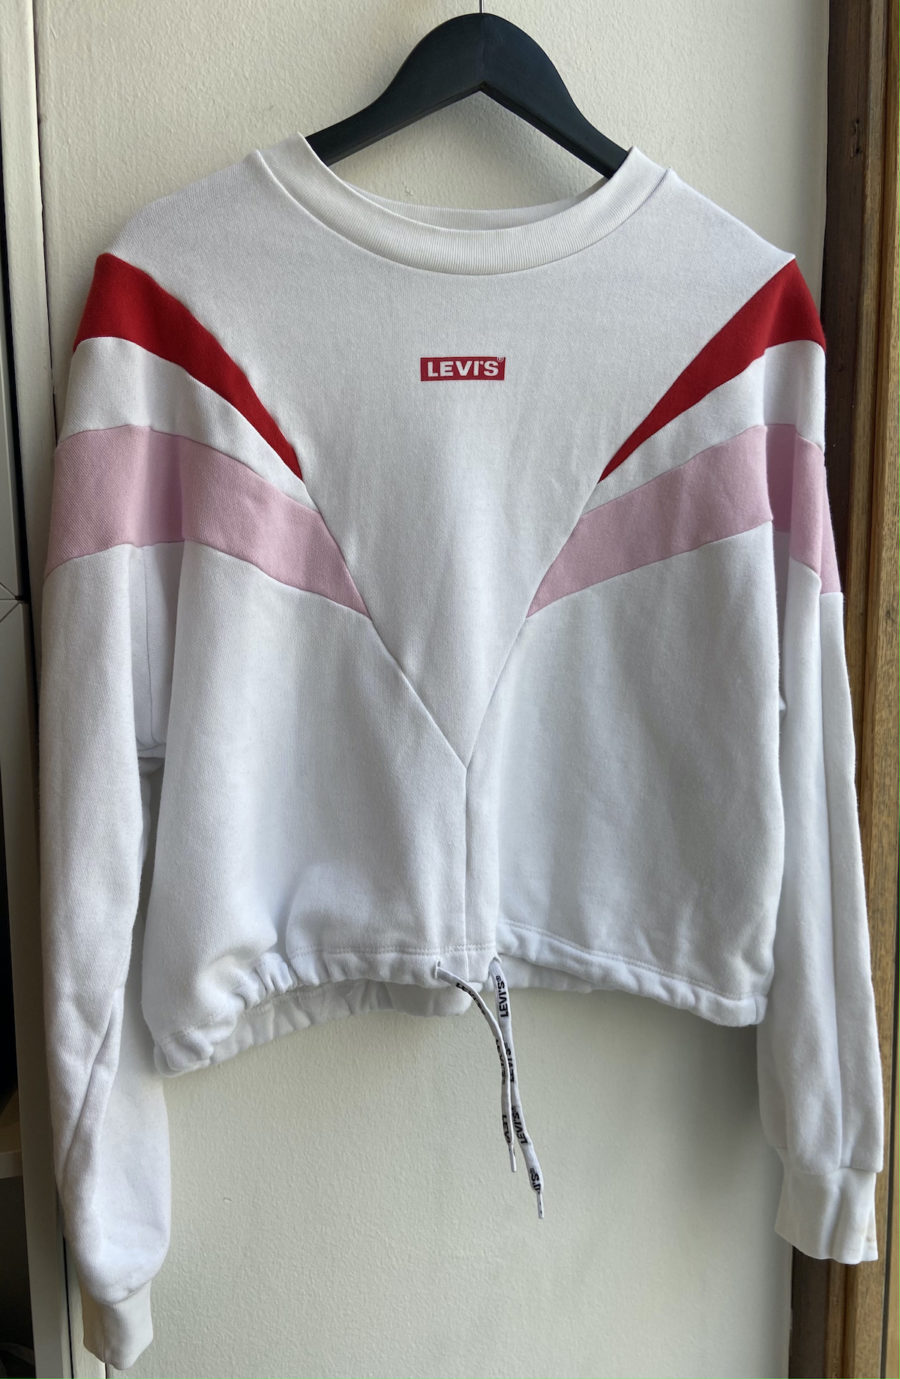 Ecosphere Vintage - Levi's Retro Sweatshirt